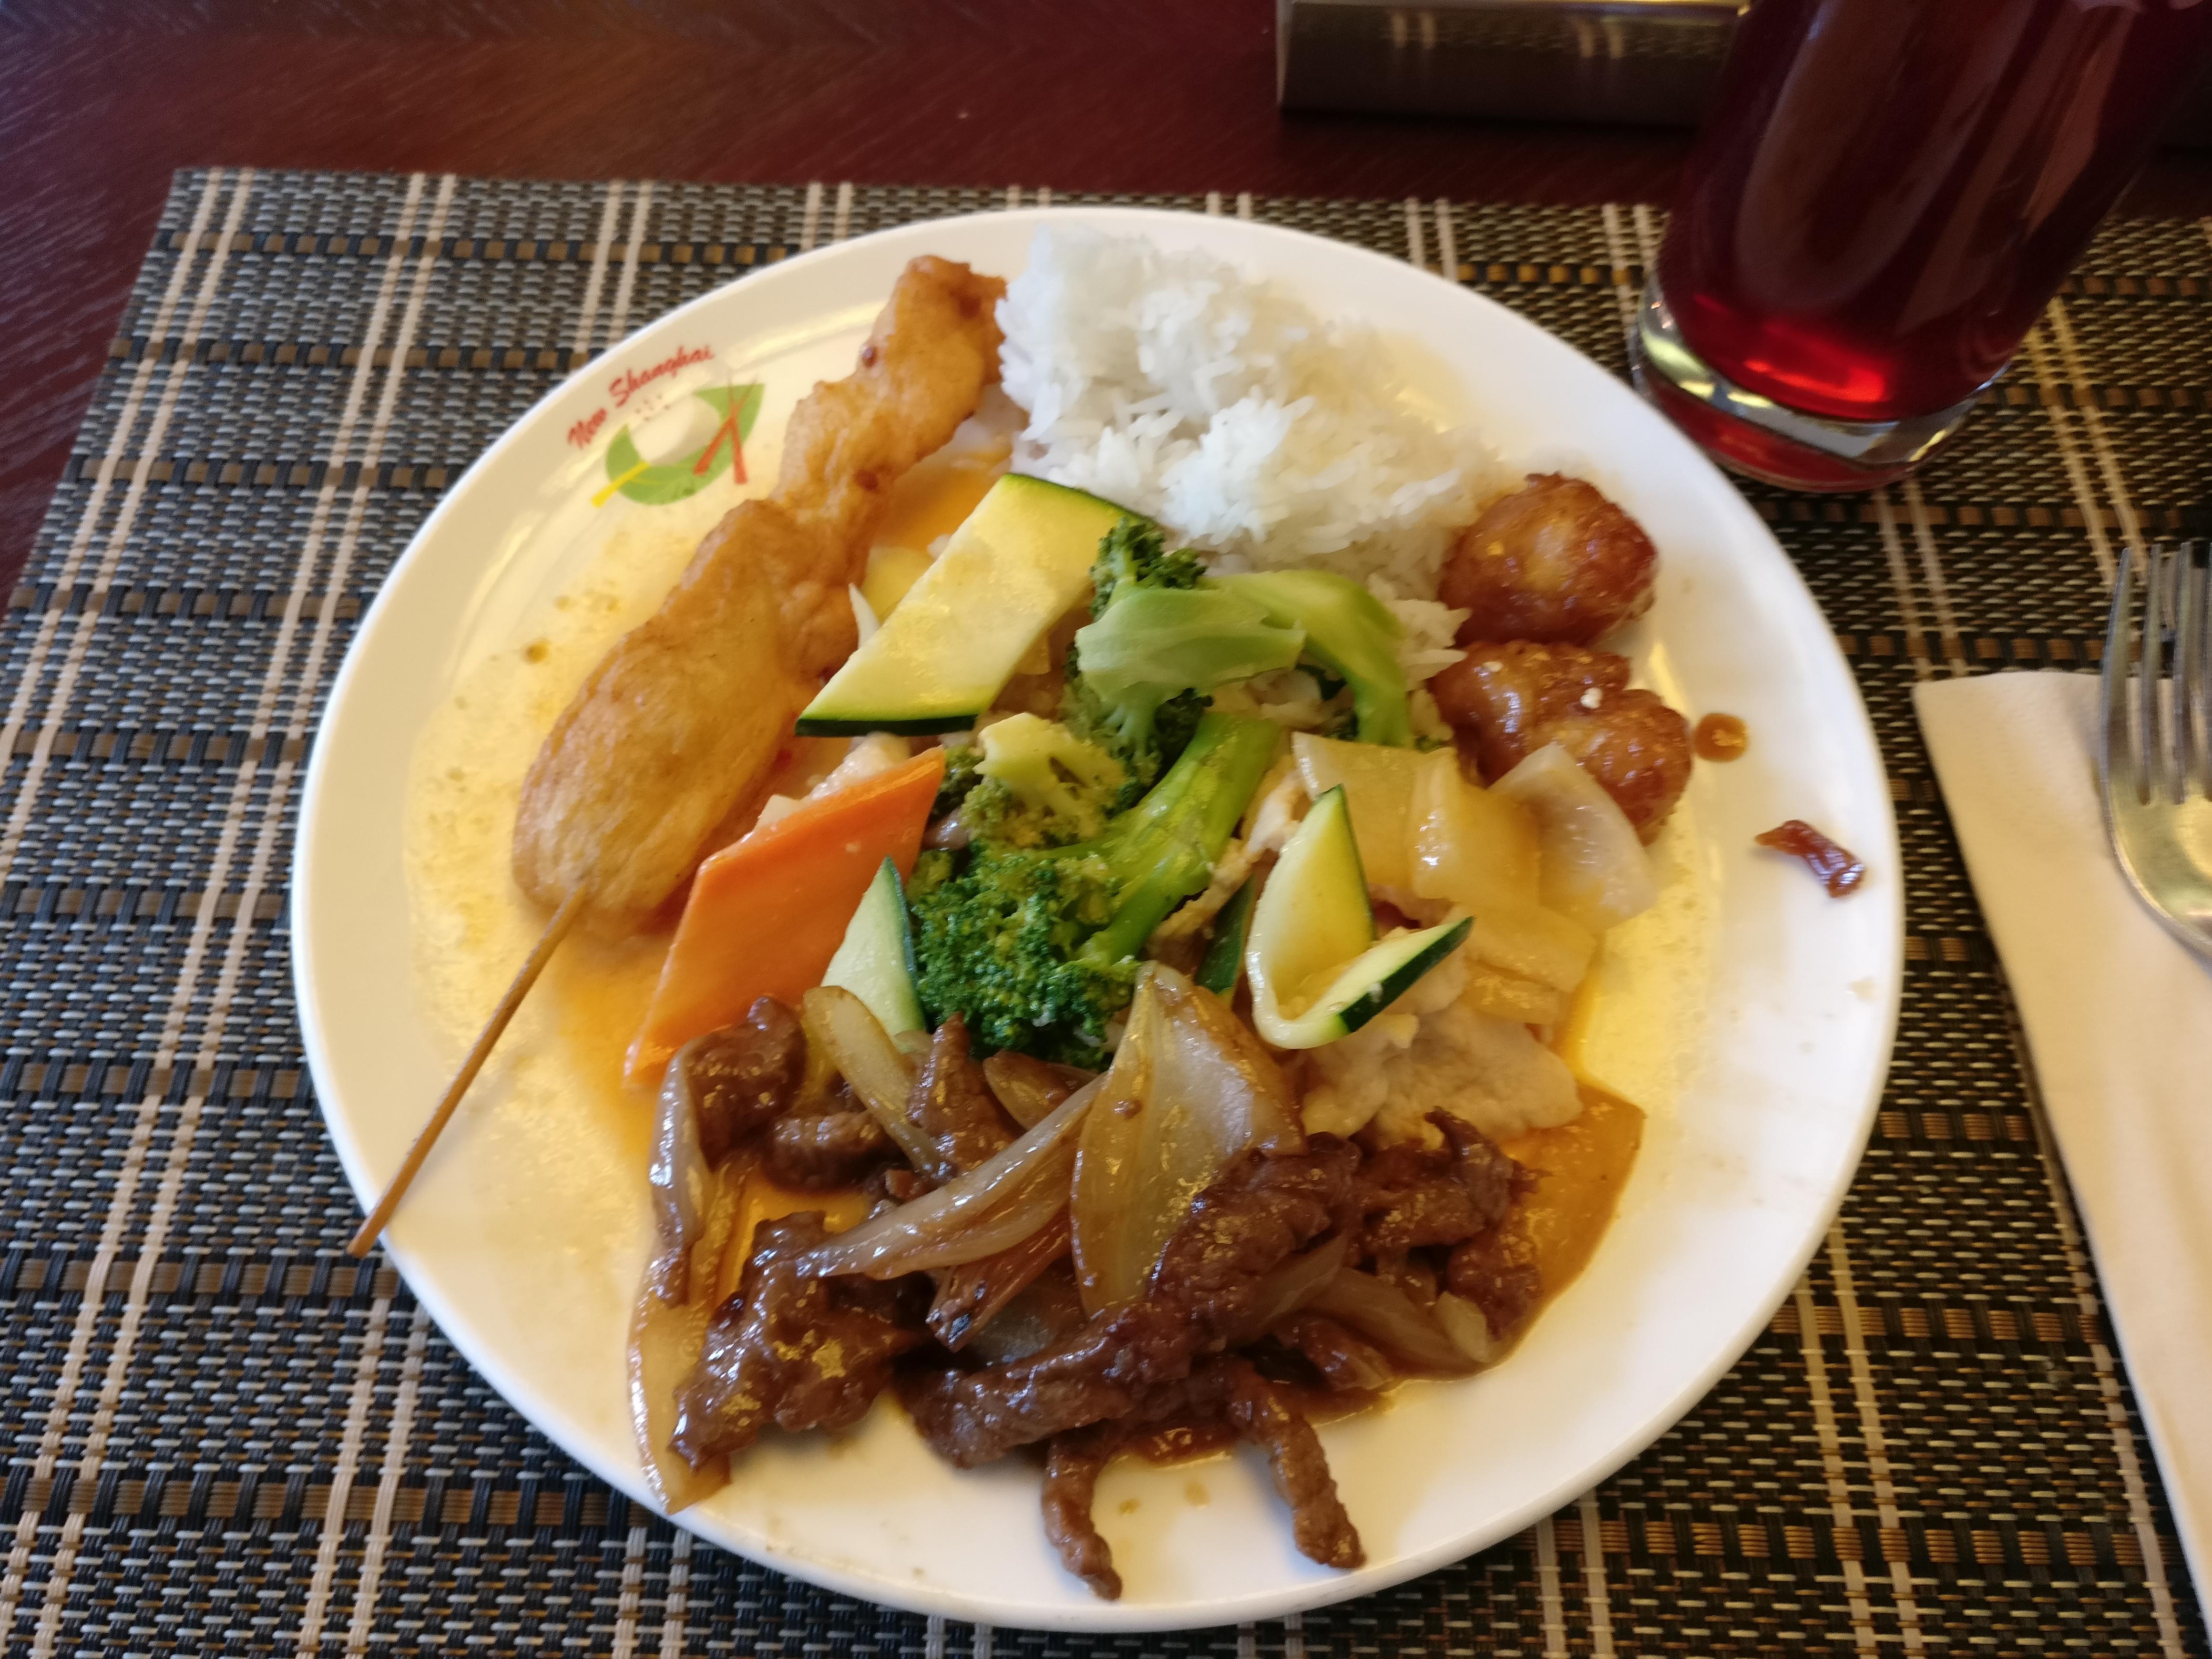 http://foodloader.net/nico_2017-05-30_asiatisch-diverses-1.jpg